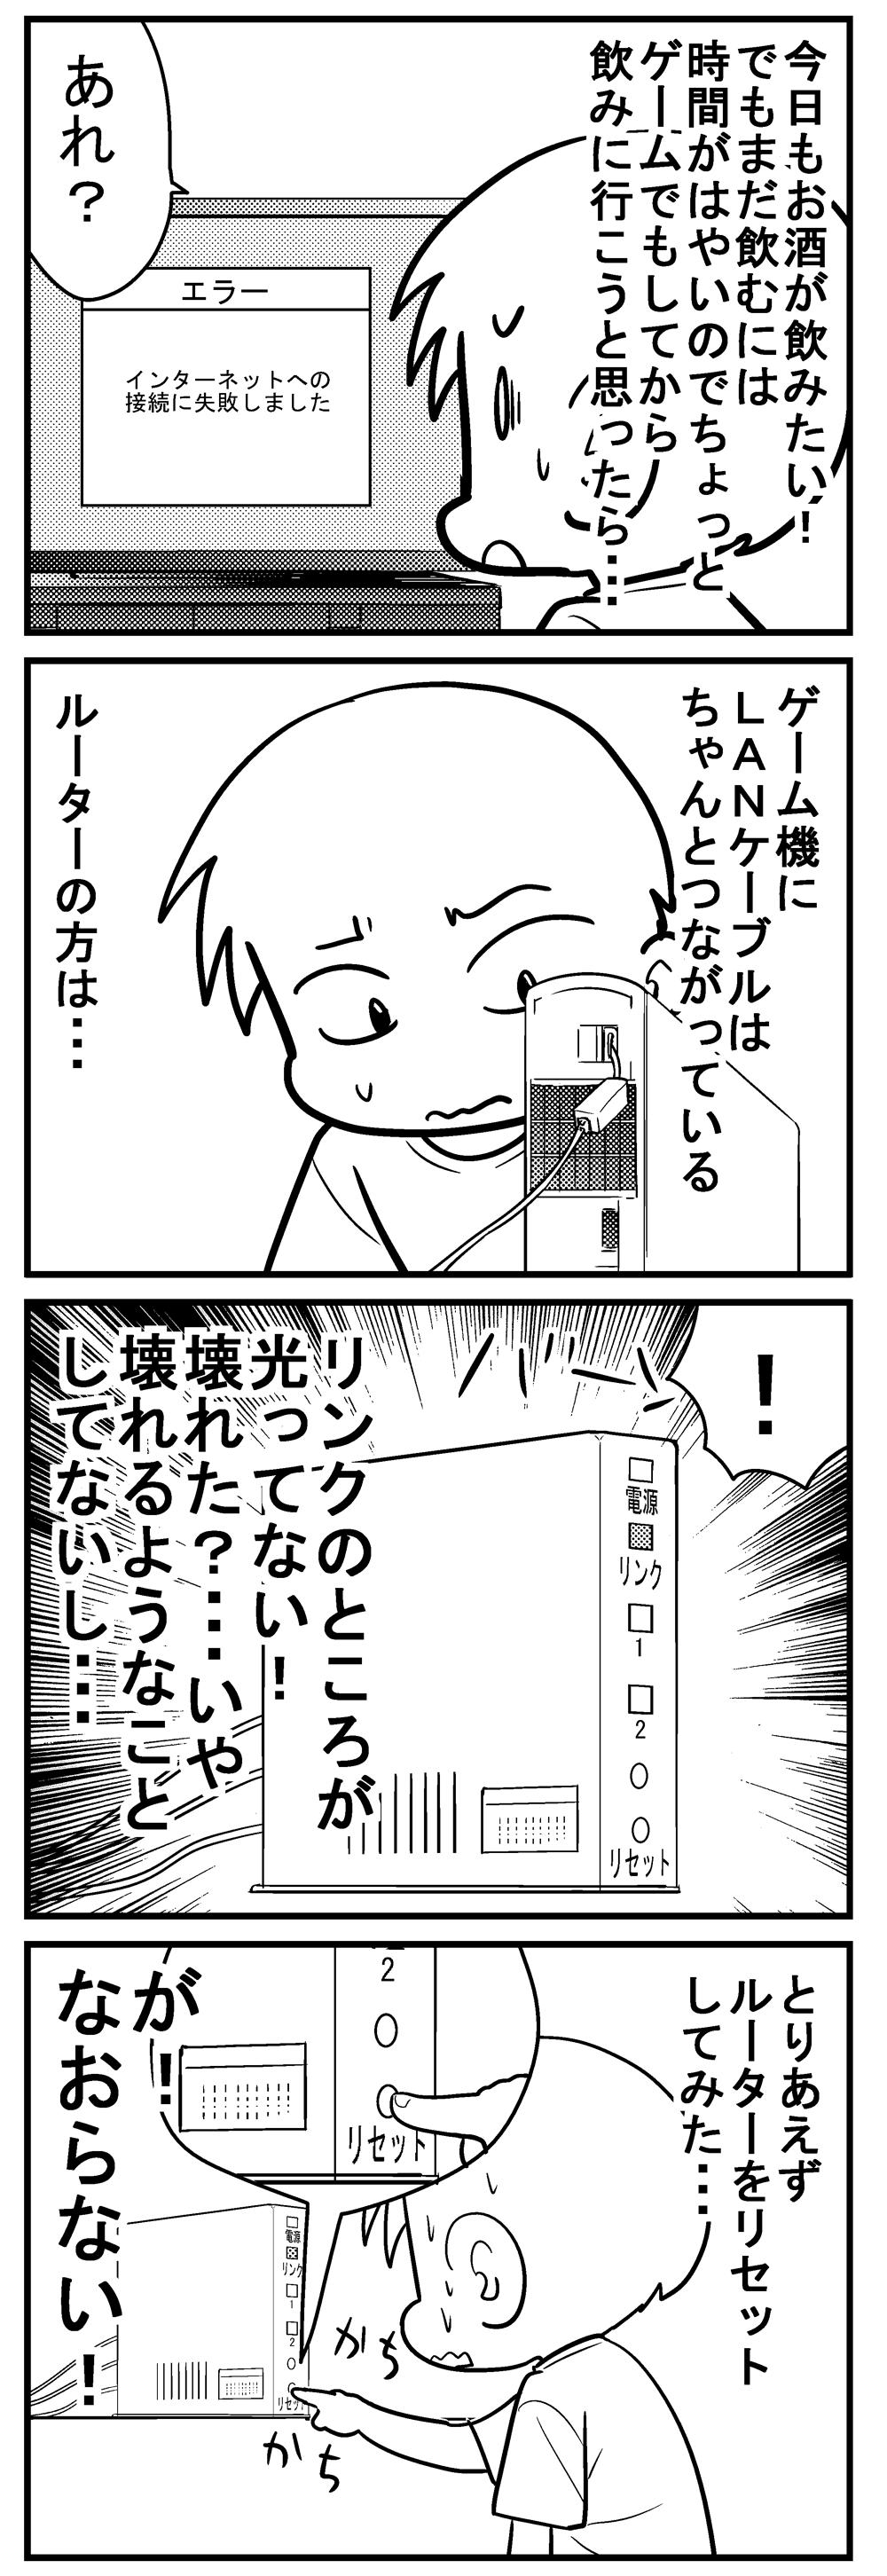 深読みくん87-1